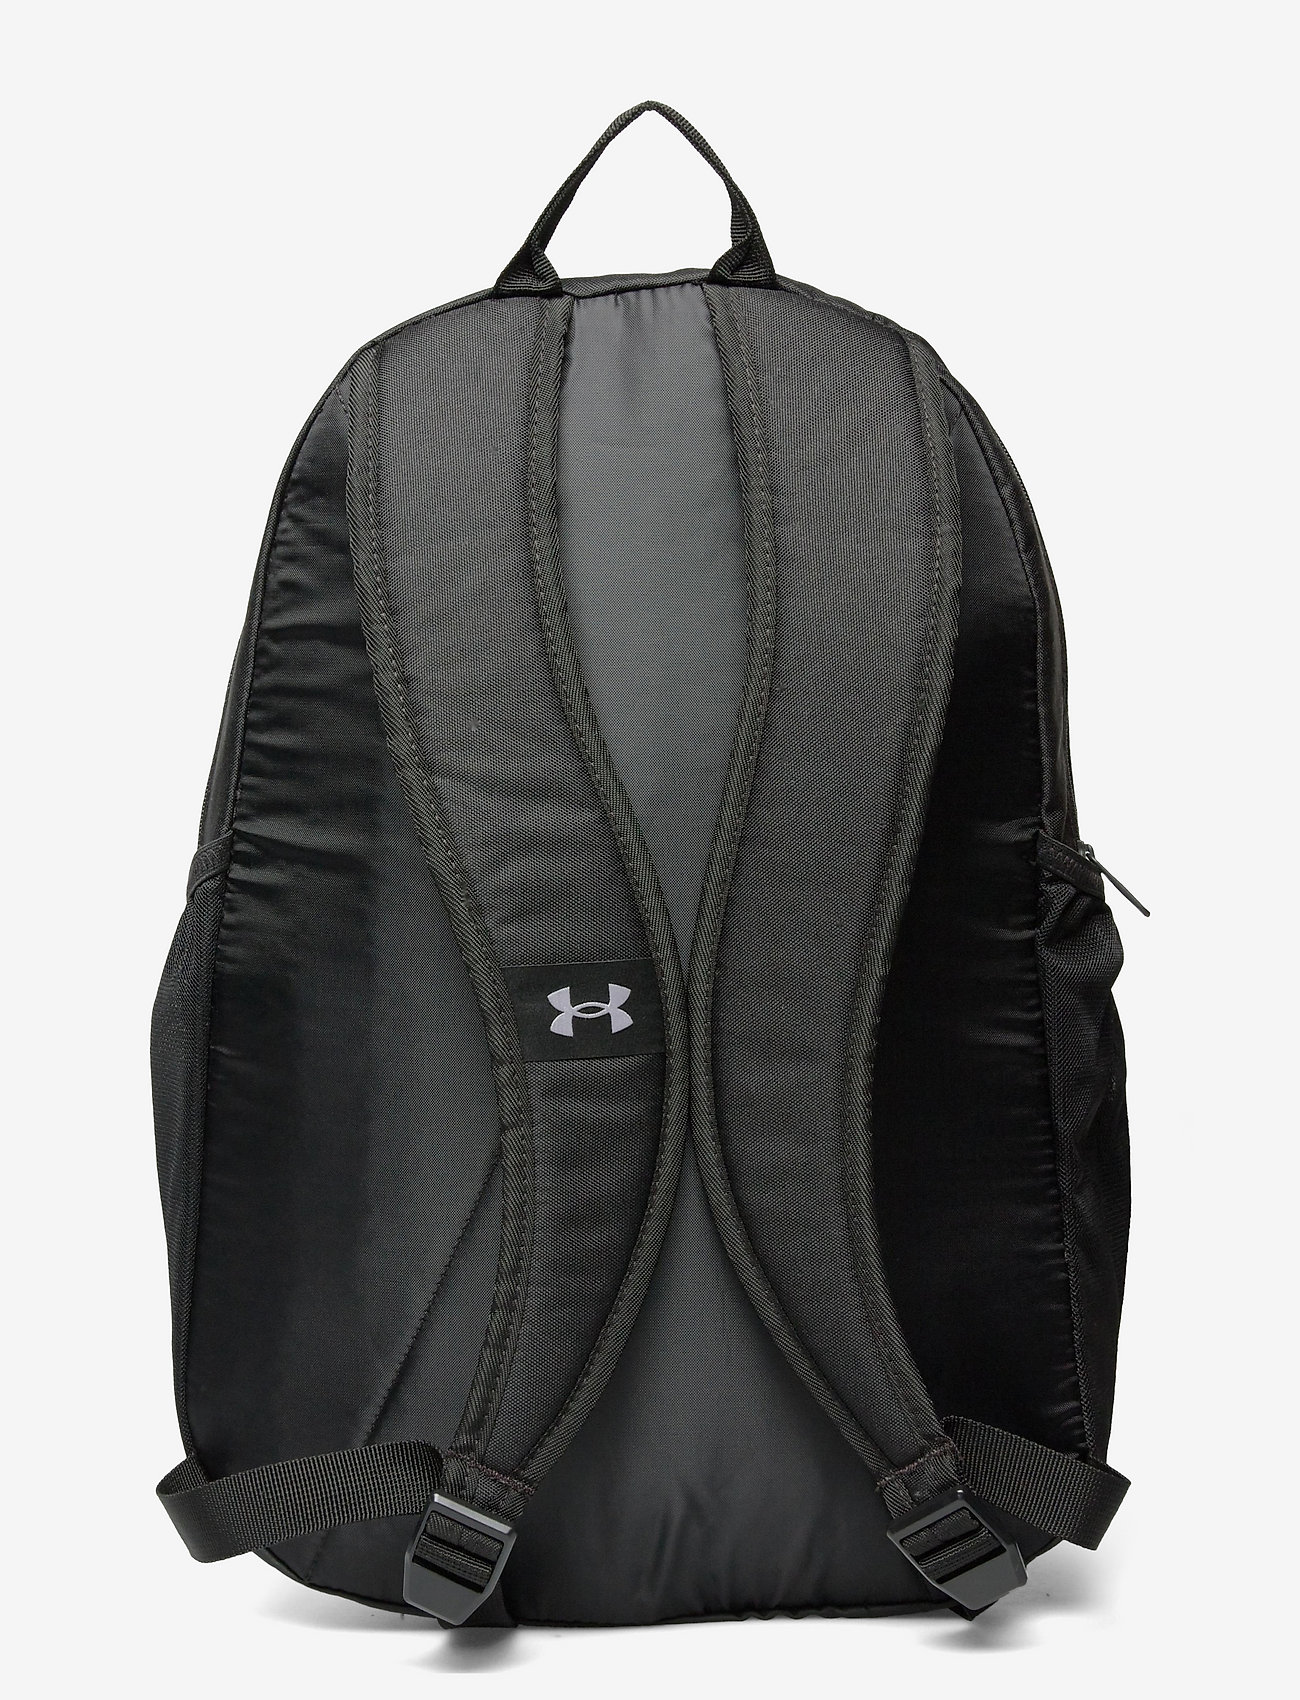 Under Armour - UA Hustle Sport Backpack - sale - black - 1